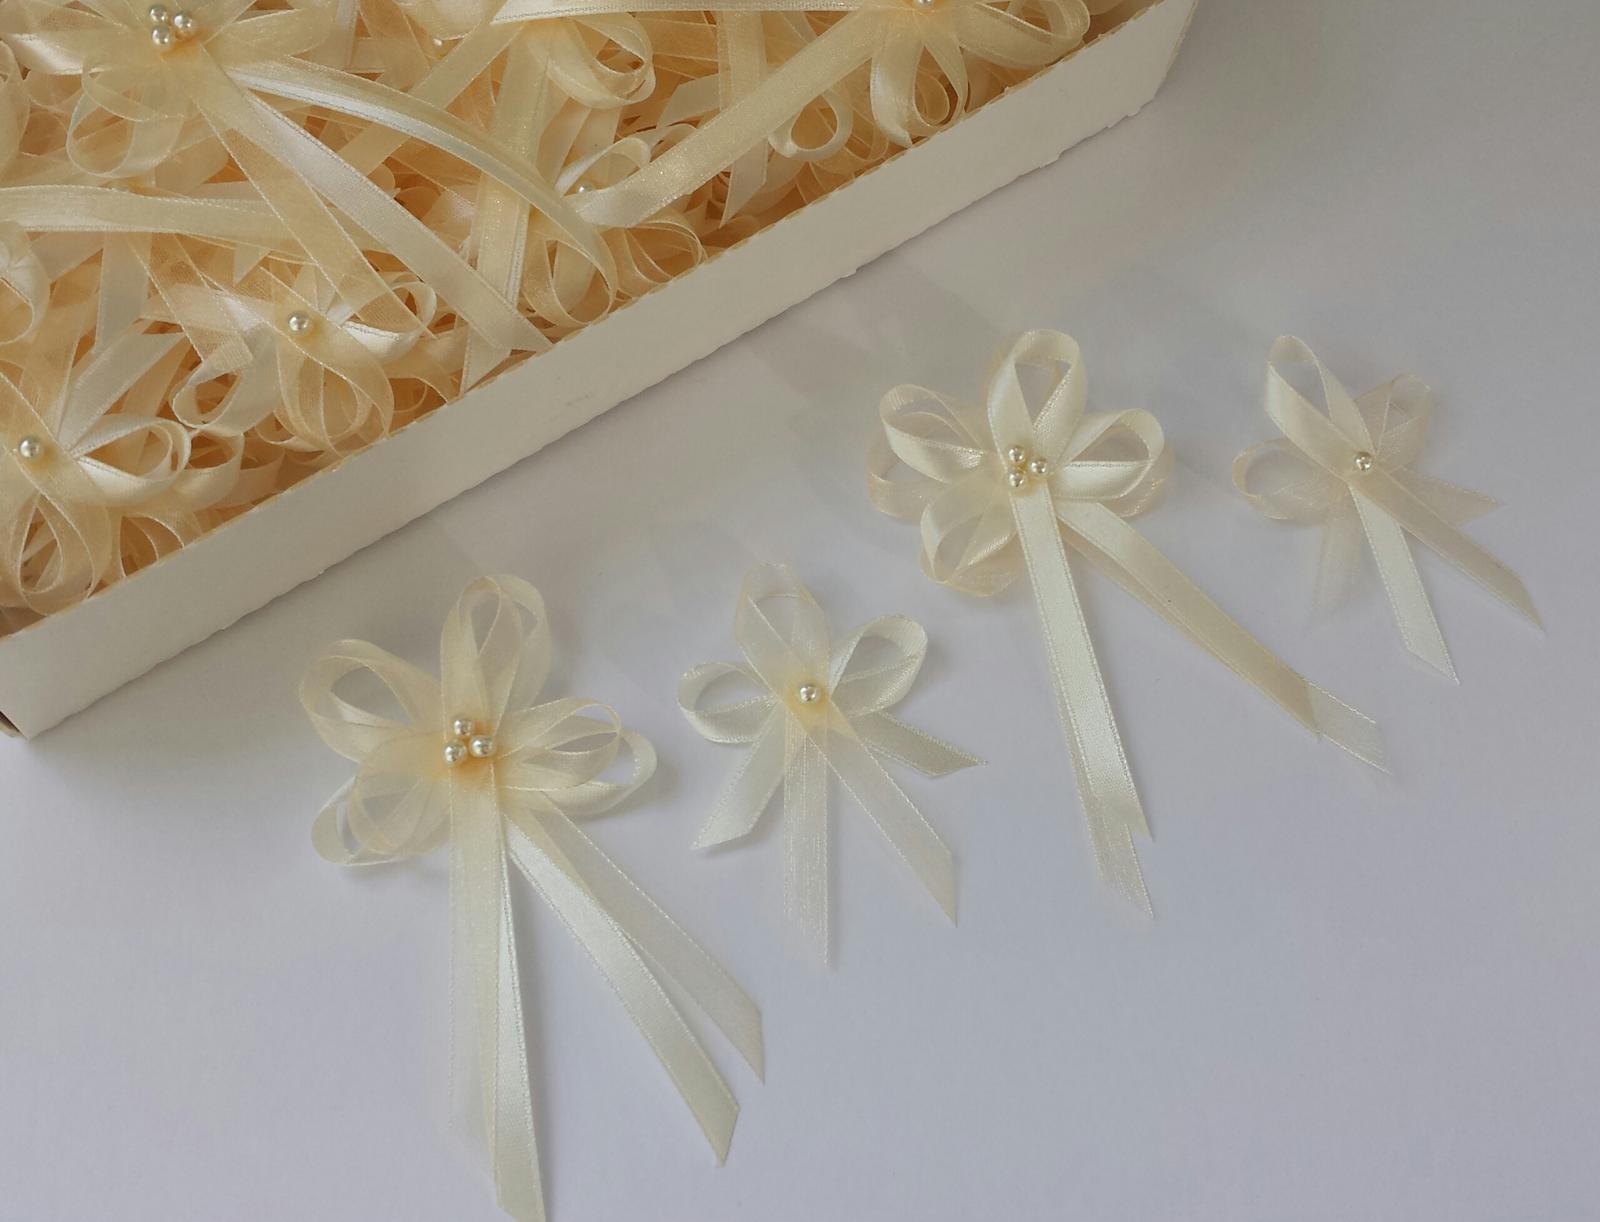 Champagne/ivory vývazky - Obrázek č. 1